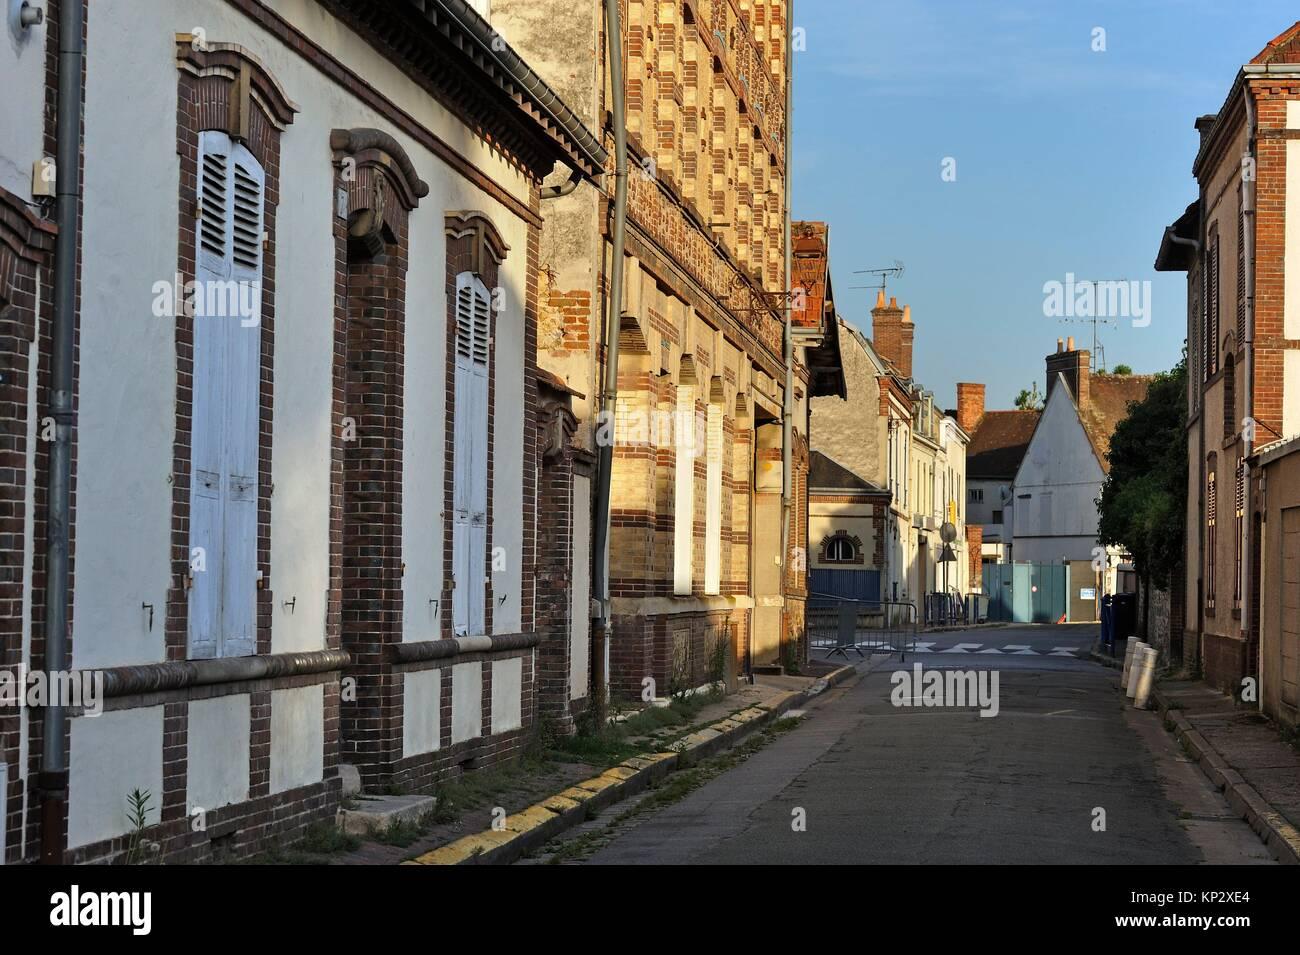 Architettura villageoise typique des regioni Thymerais et Drouais, Nogent-le-Roi, departement Eure-et-Loir, regione Immagini Stock